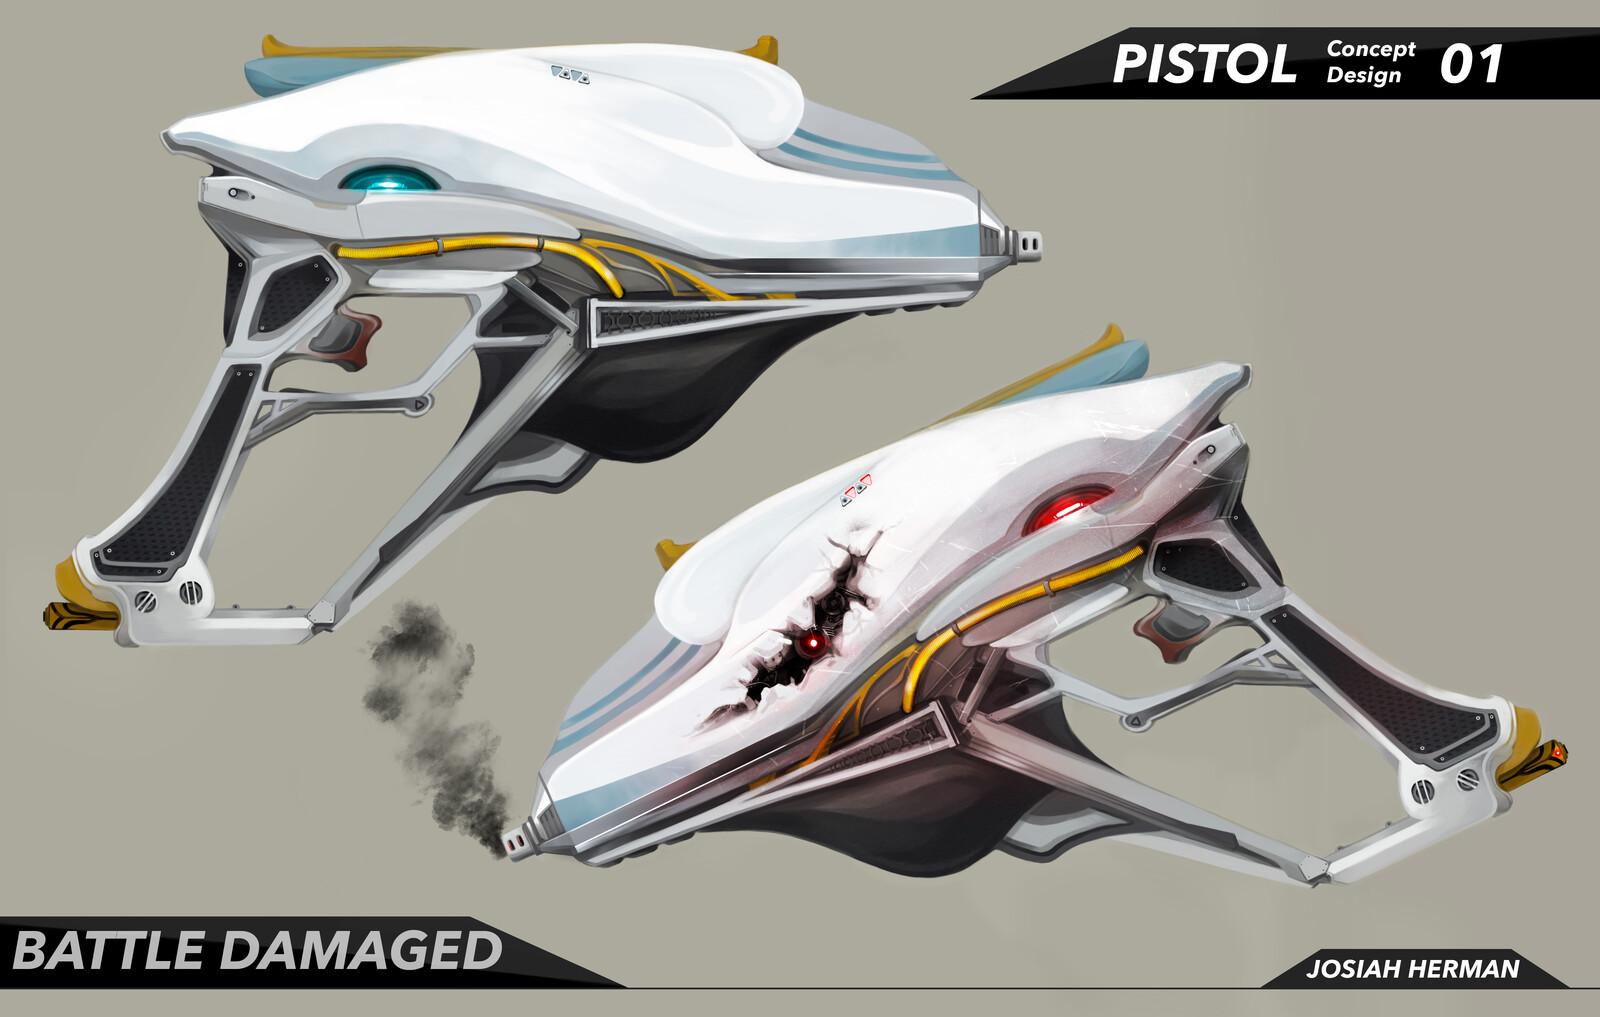 Pistol - Concept Design